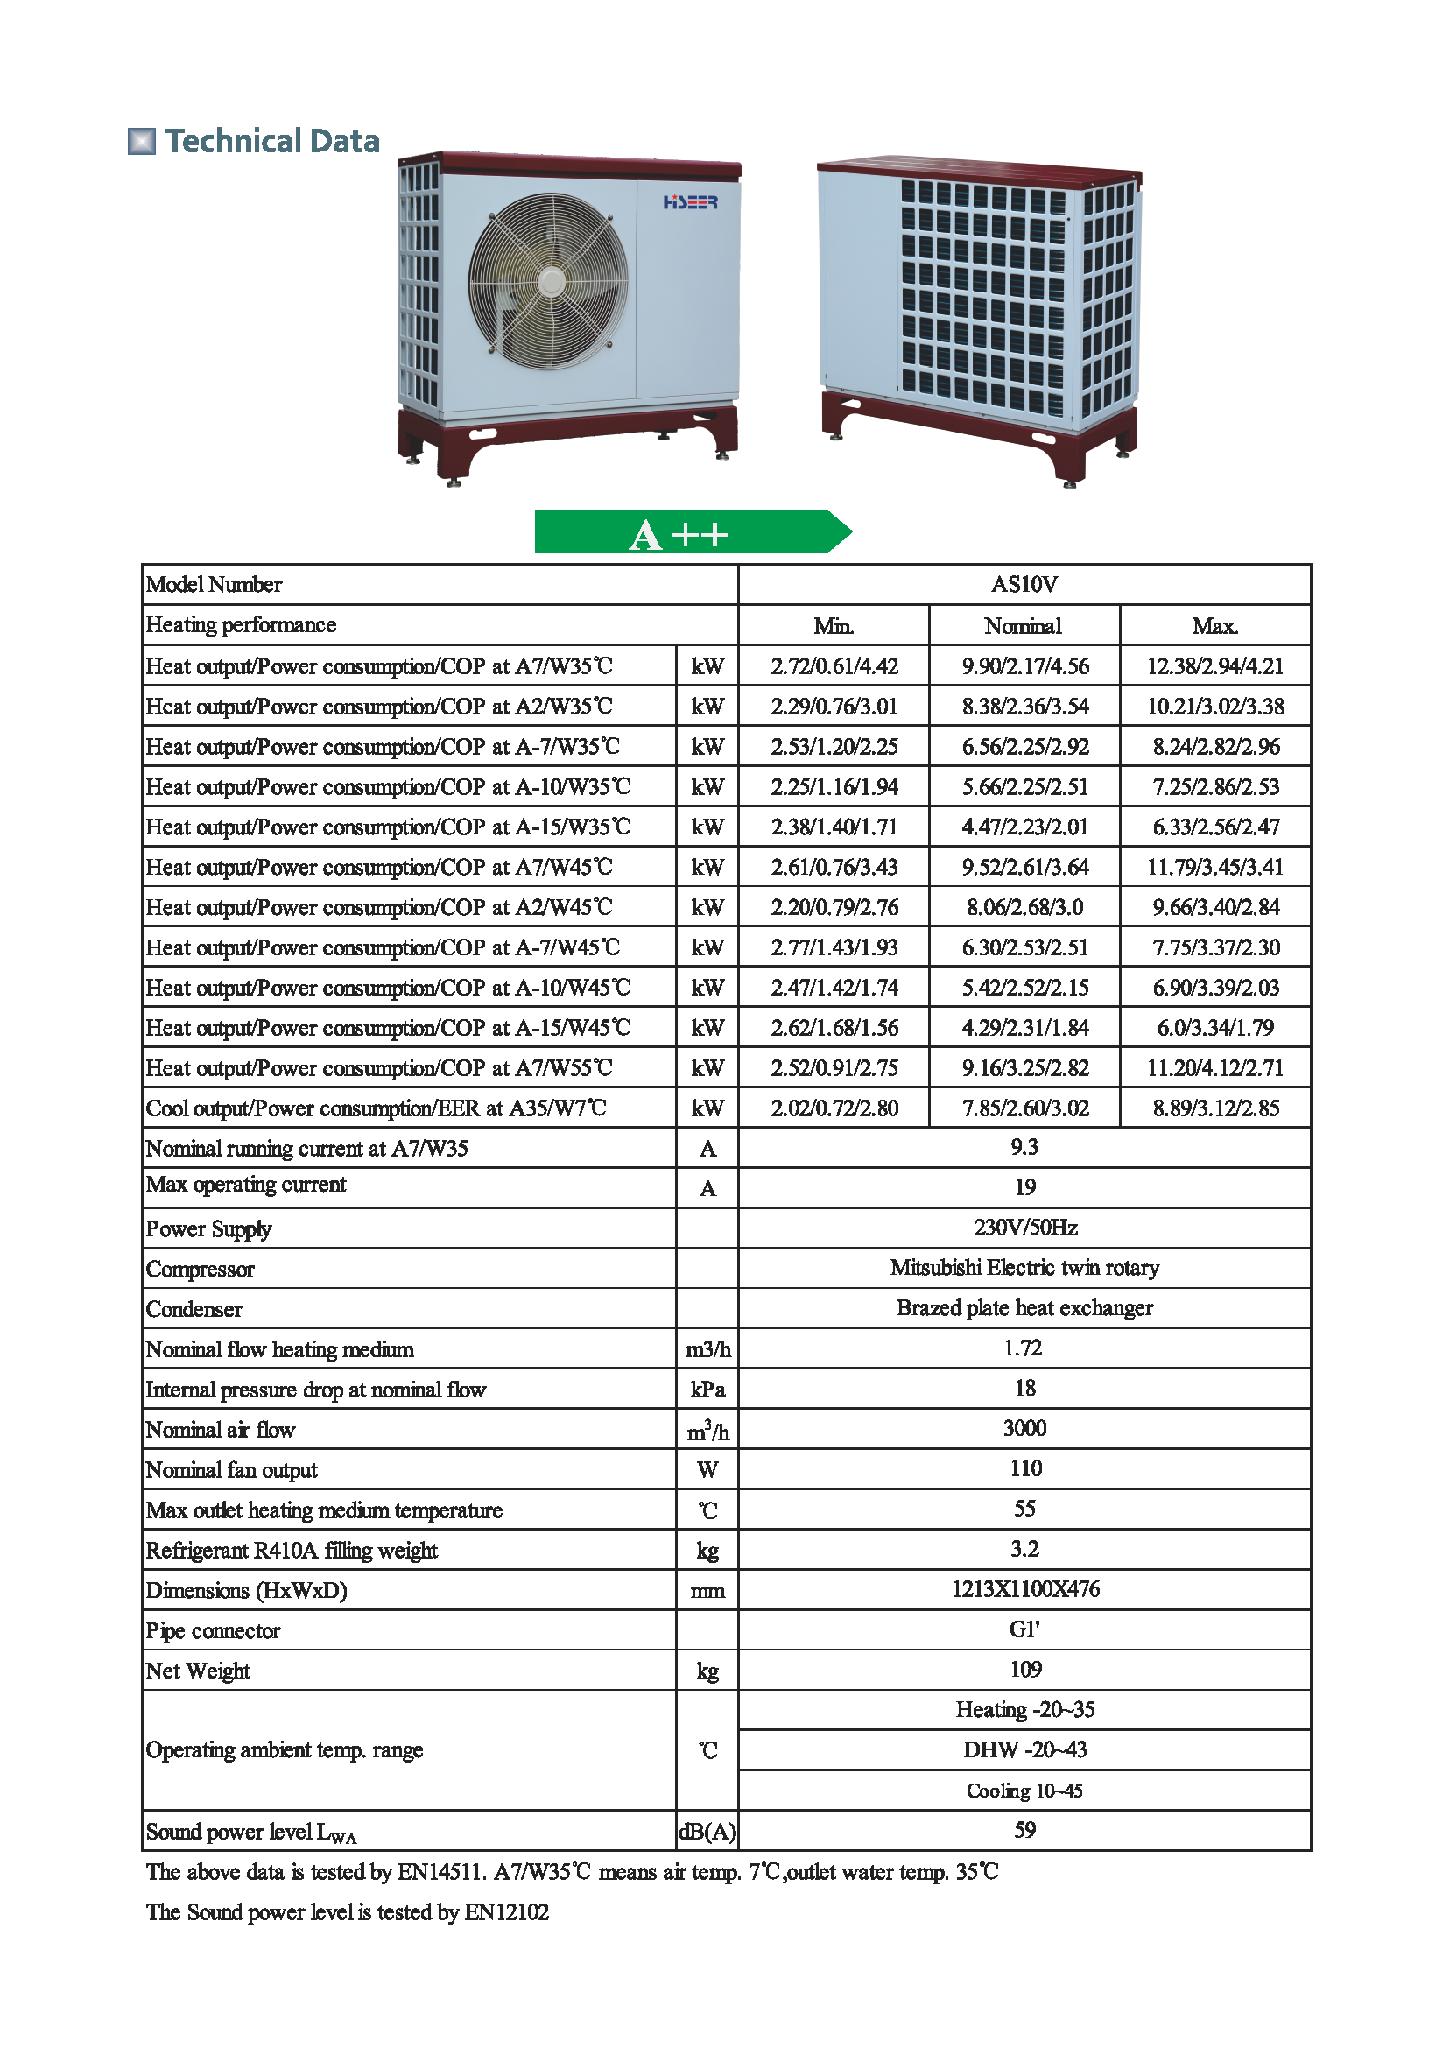 hiseer inverter heat pump technical data